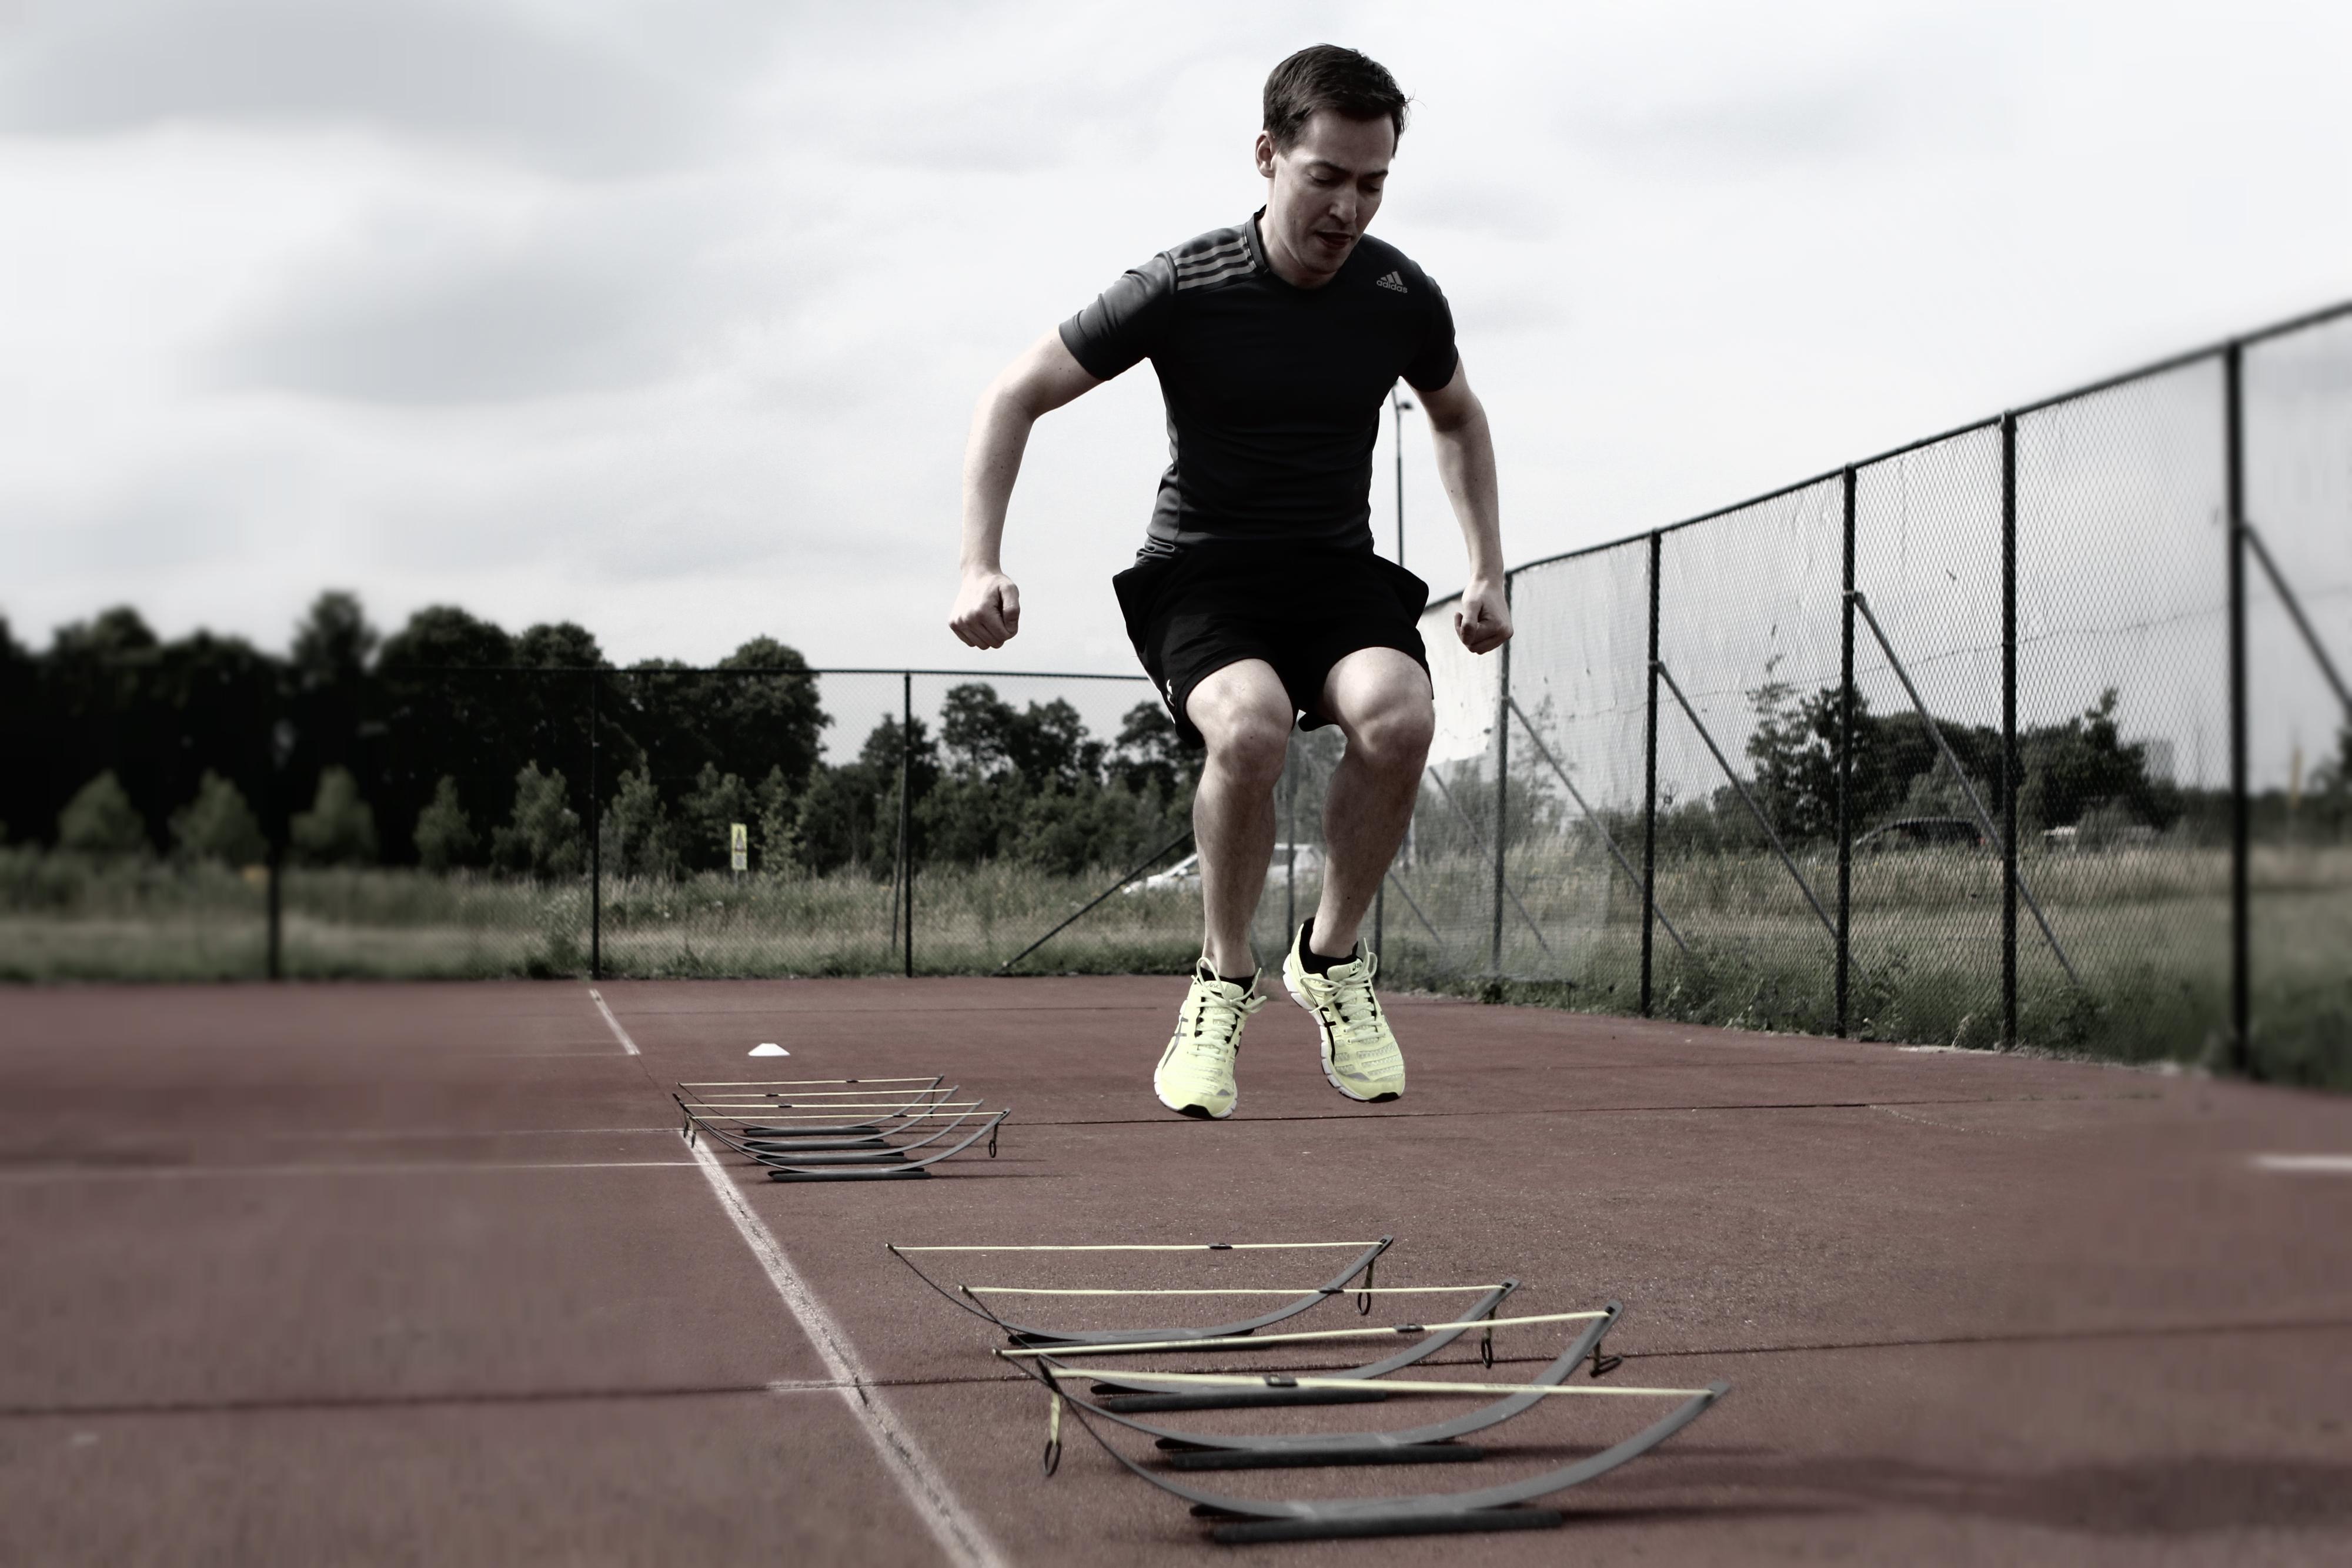 Jumps - Alpha Personal Training - Vught - Den Bosch